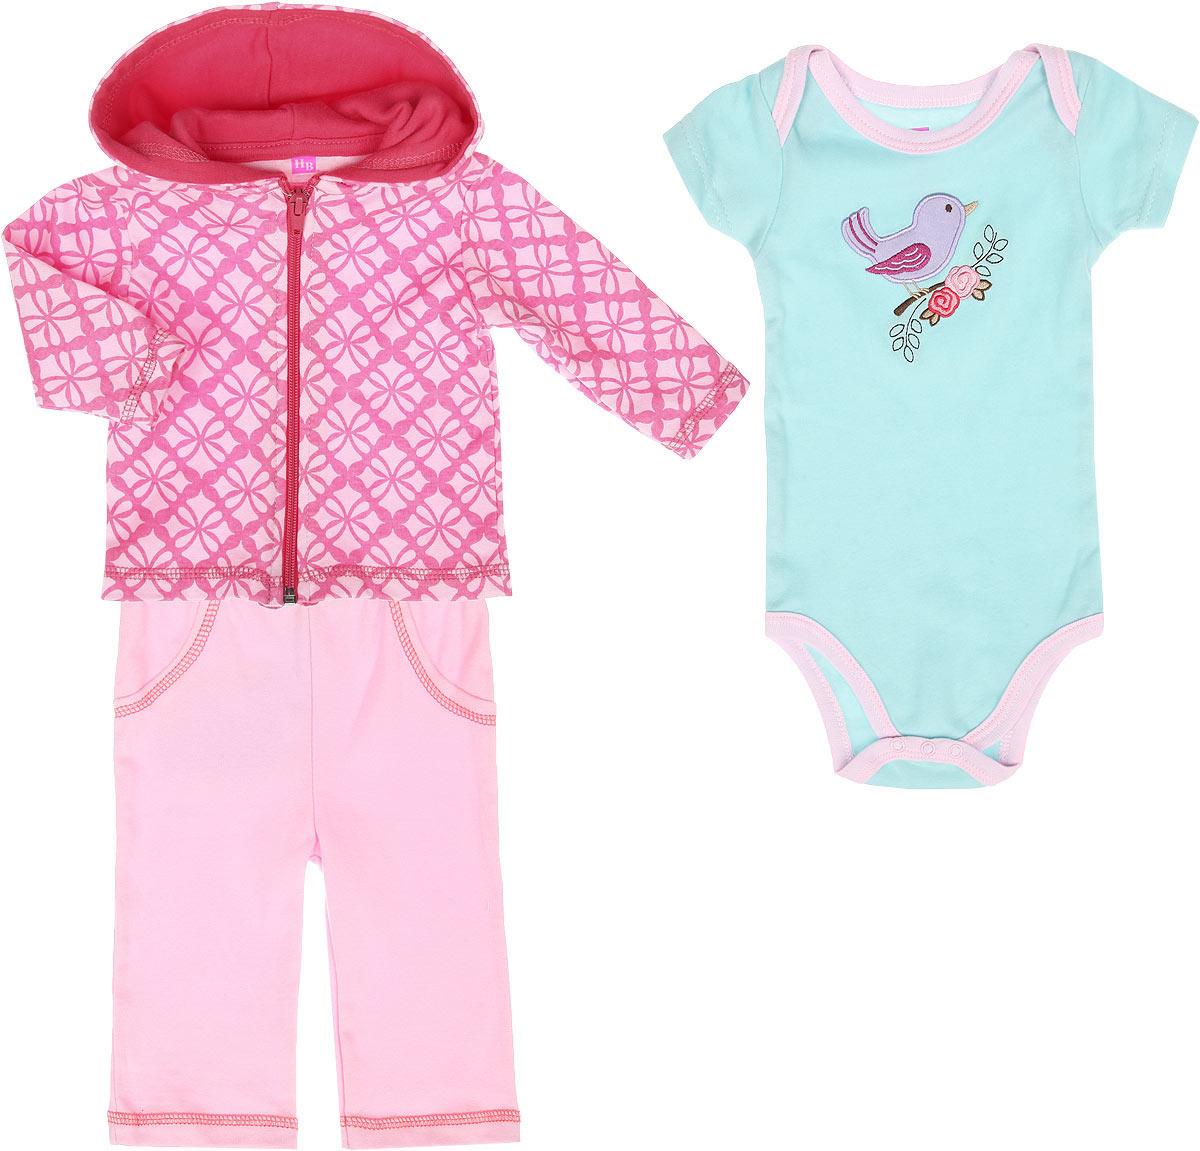 Комплект для девочки Hudson Baby: толстовка, боди-футболка, штанишки, цвет: розовый, бирюзовый. 50549. Возраст 9/12 месяцев hudson baby штанишки толстовка розовый